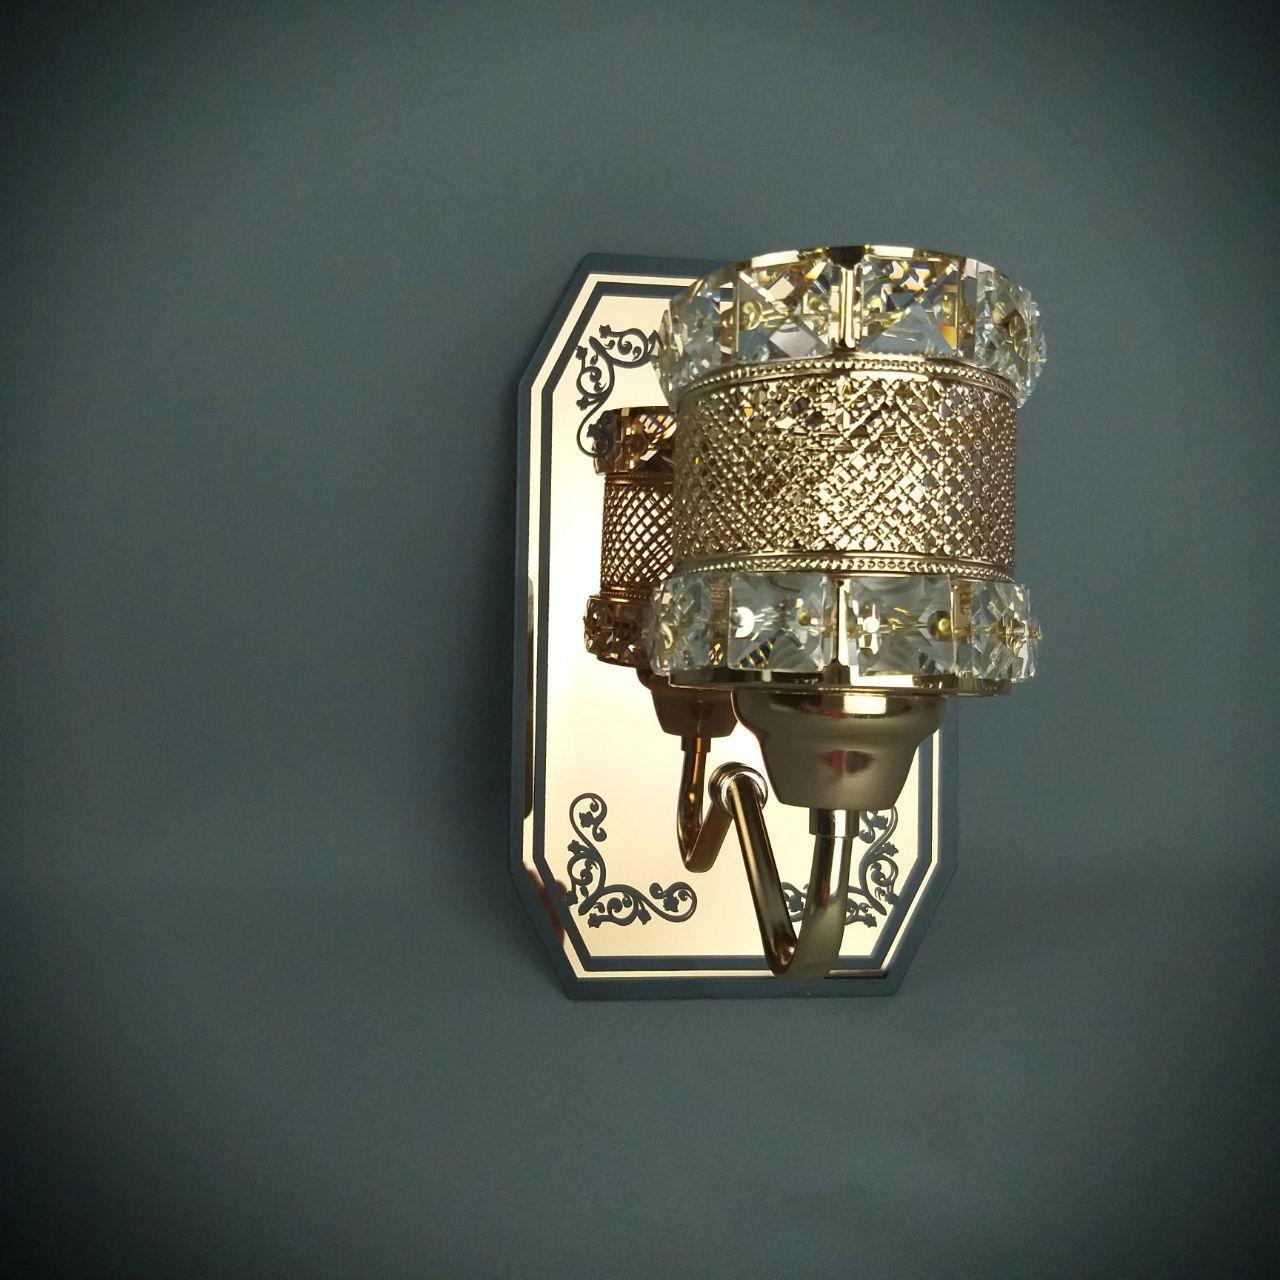 Бра на одну лампу золотистого цвета HQ-8203/1W (12шт)